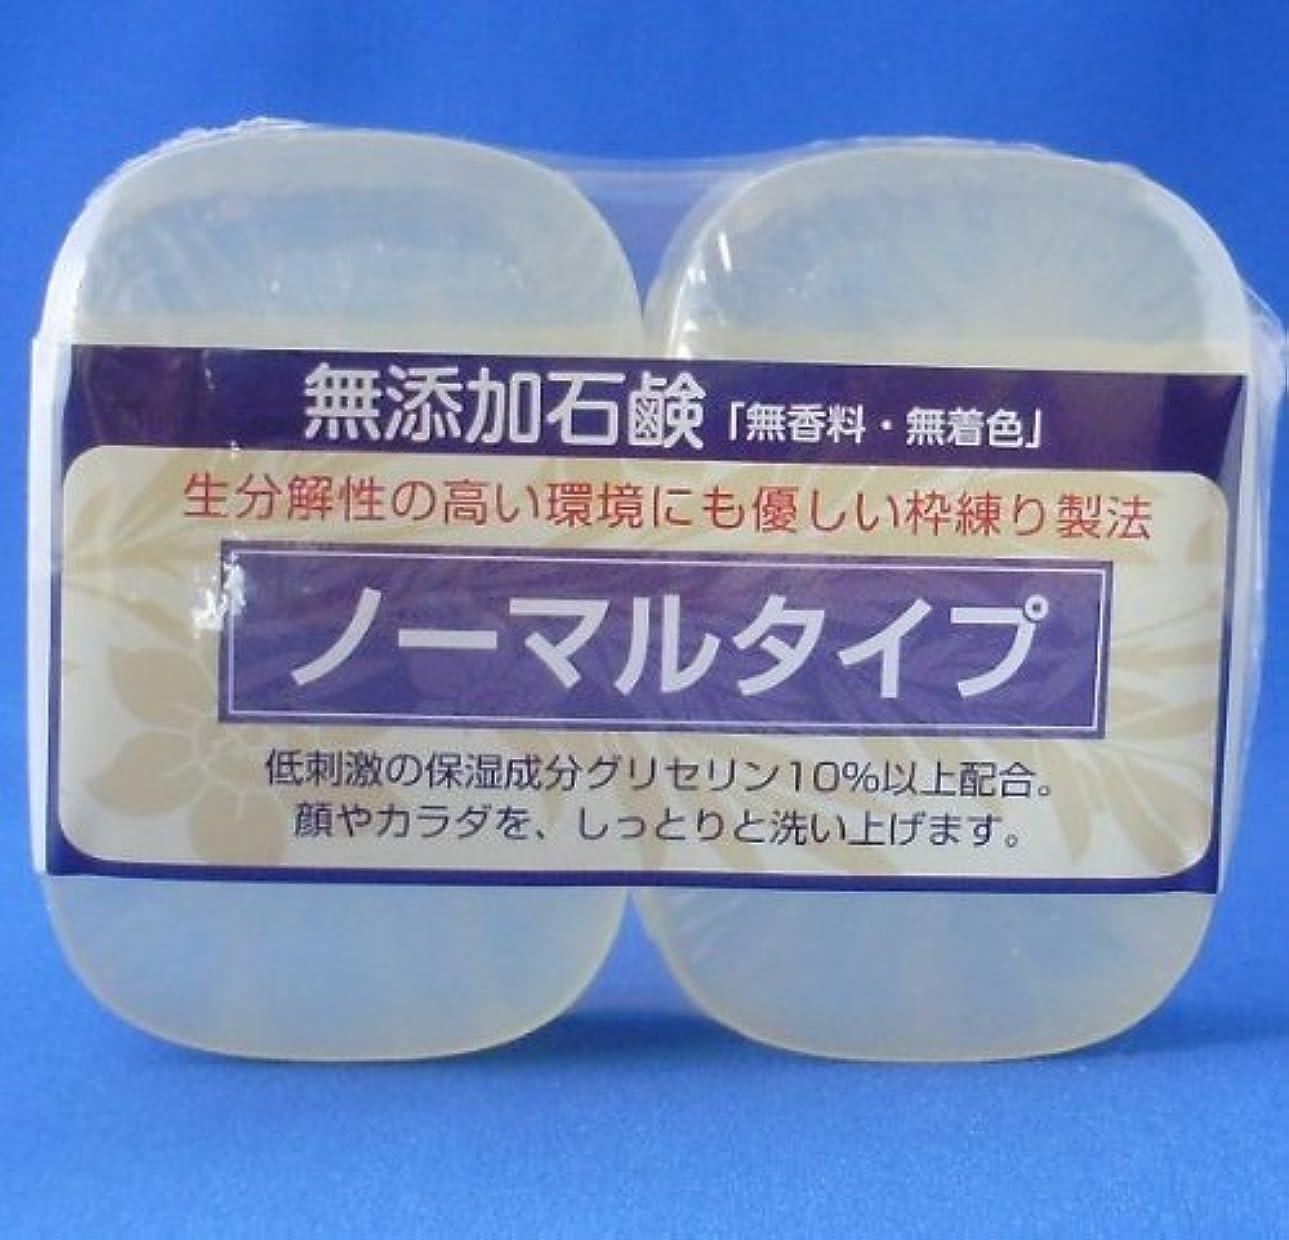 症候群要塞ぎこちない無添加石鹸 ノーマルタイプ 90g×2個